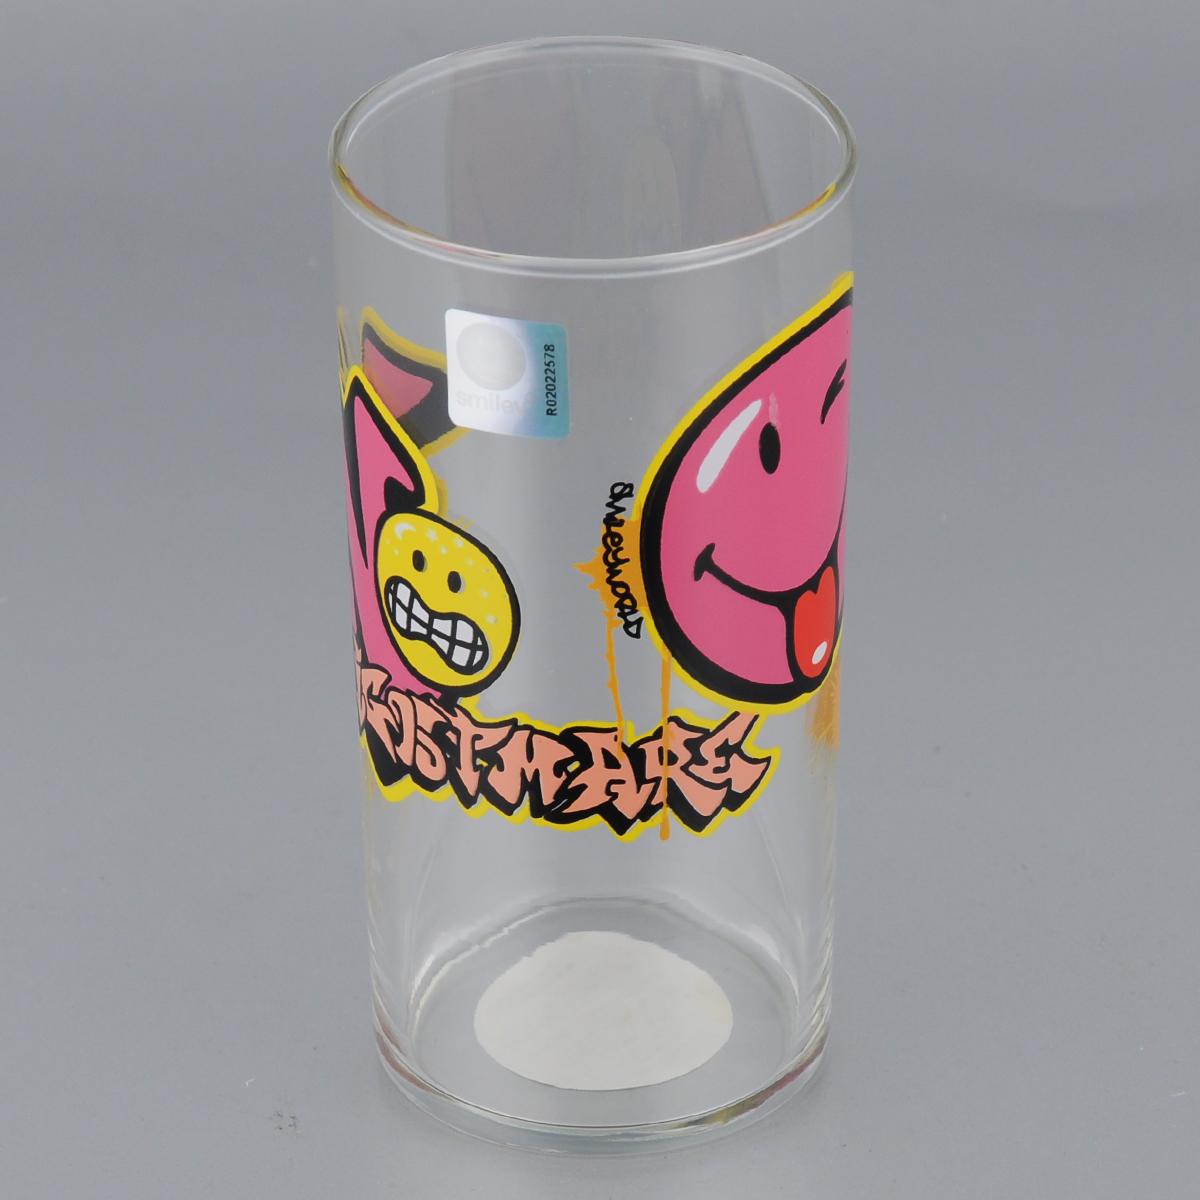 Стакан Luminarc Smiley Graffiti, 270 млJ1003Стакан Luminarc Smiley Graffiti изготовлен из высококачественного стекла. Такой стакан прекрасно подойдет для горячих и холодных напитков. Он дополнит коллекцию вашей кухонной посуды и будет служить долгие годы. Можно использовать в посудомоечной машине и СВЧ. Диаметр стакана (по верхнему краю): 6 см. Диаметр дна: 5,5 см. Высота: 12,5 см.